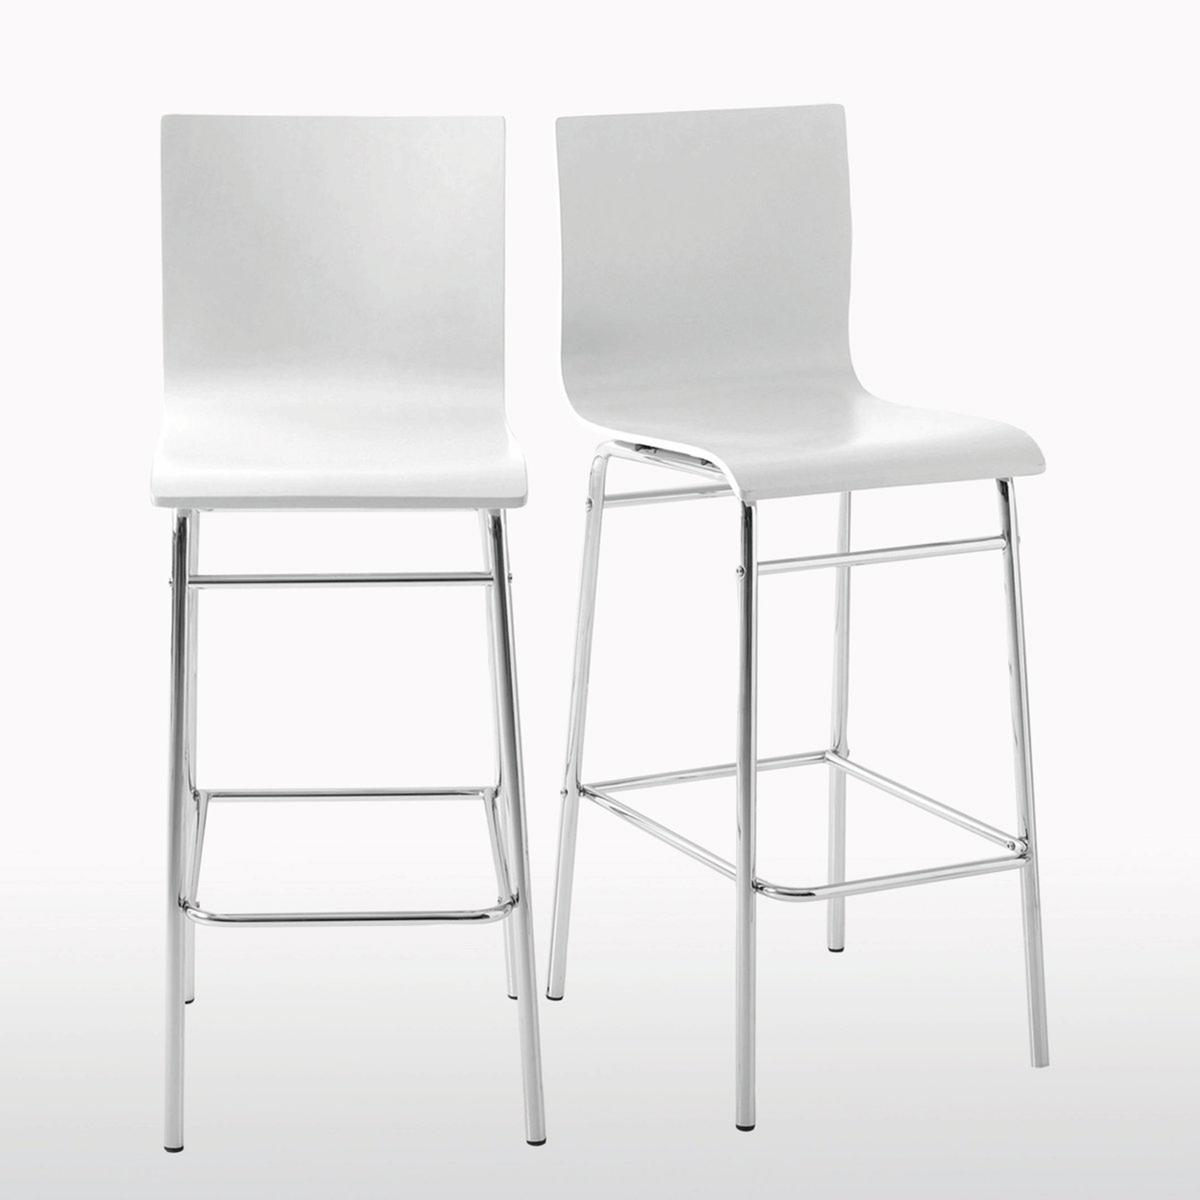 2 стула барных, JanikБарные стулья Janik на высоких ножках ! 4 модных цвета, которые можно сочетать, для более яркого эффекта  !Характеристики стульев Janik :Спинка и сиденье из фанеры, ПУ-лакировка  . Ножки из хромированной стальной трубки .Стулья продаются по 2 шт одного цвета.Барные стулья Janik продаются готовыми к сборке  Найдите высокий стол Janik, а также всю коллекцию Janik на нашем сайте  .ru.Размеры высоких стульев Janik :Общие :Ширина : 42 смВысота : 110 смГлубина : 50 см..Сиденье : Выс 75 см<br><br>Цвет: белый,желтый,серо-коричневый